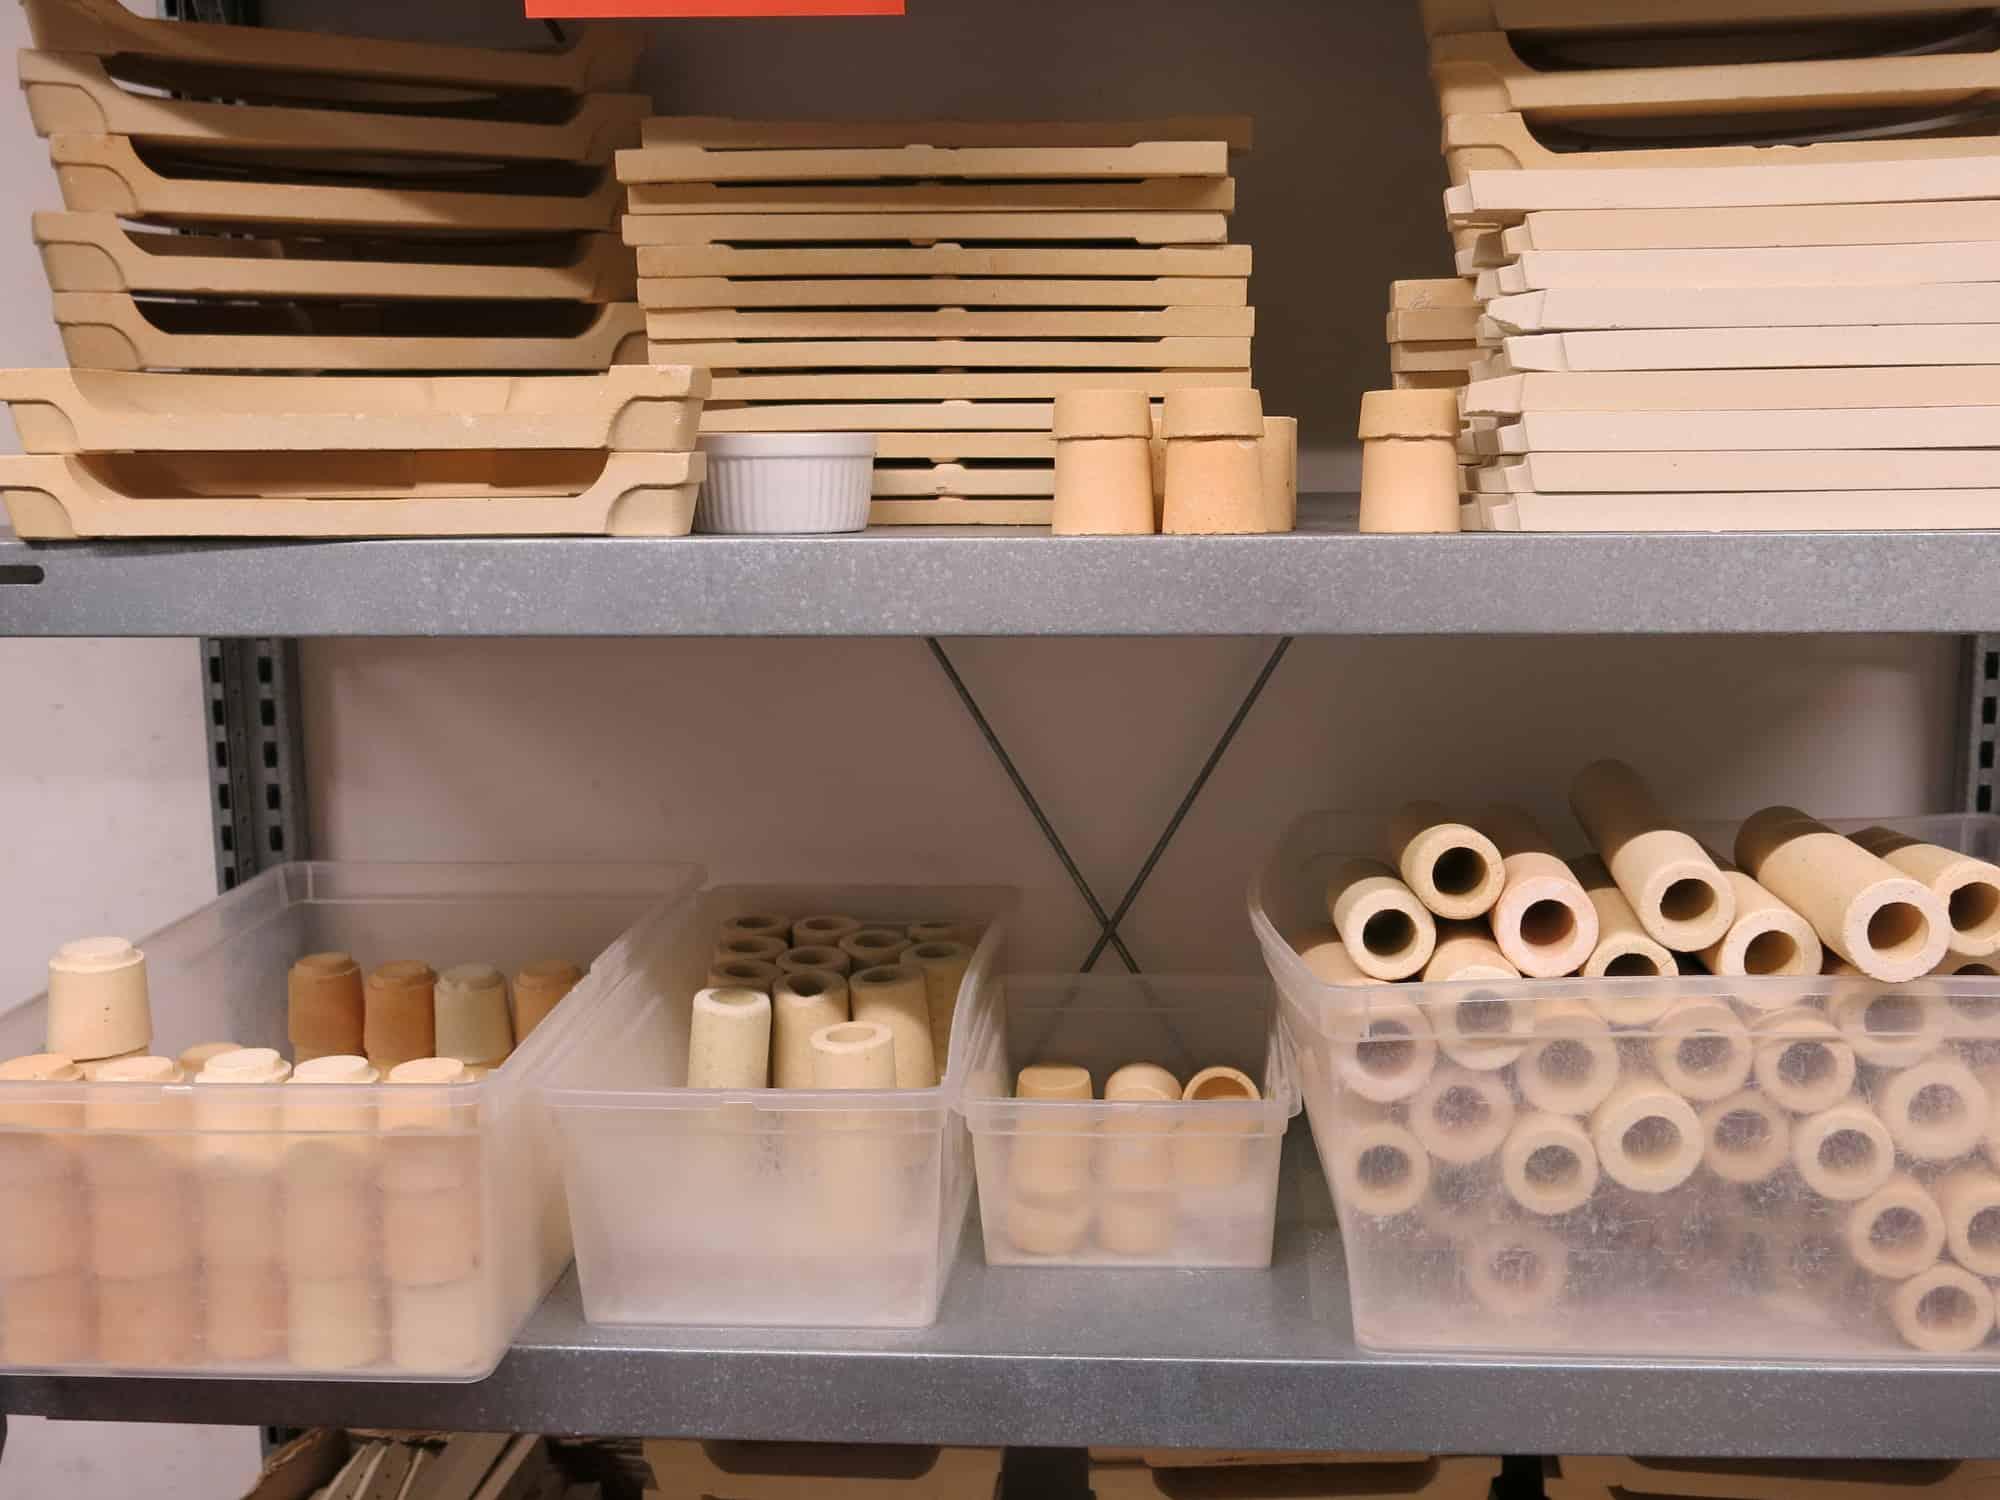 Werkstatt Porzellan im Hinterhof Schamottteile für die Ofenbeladung